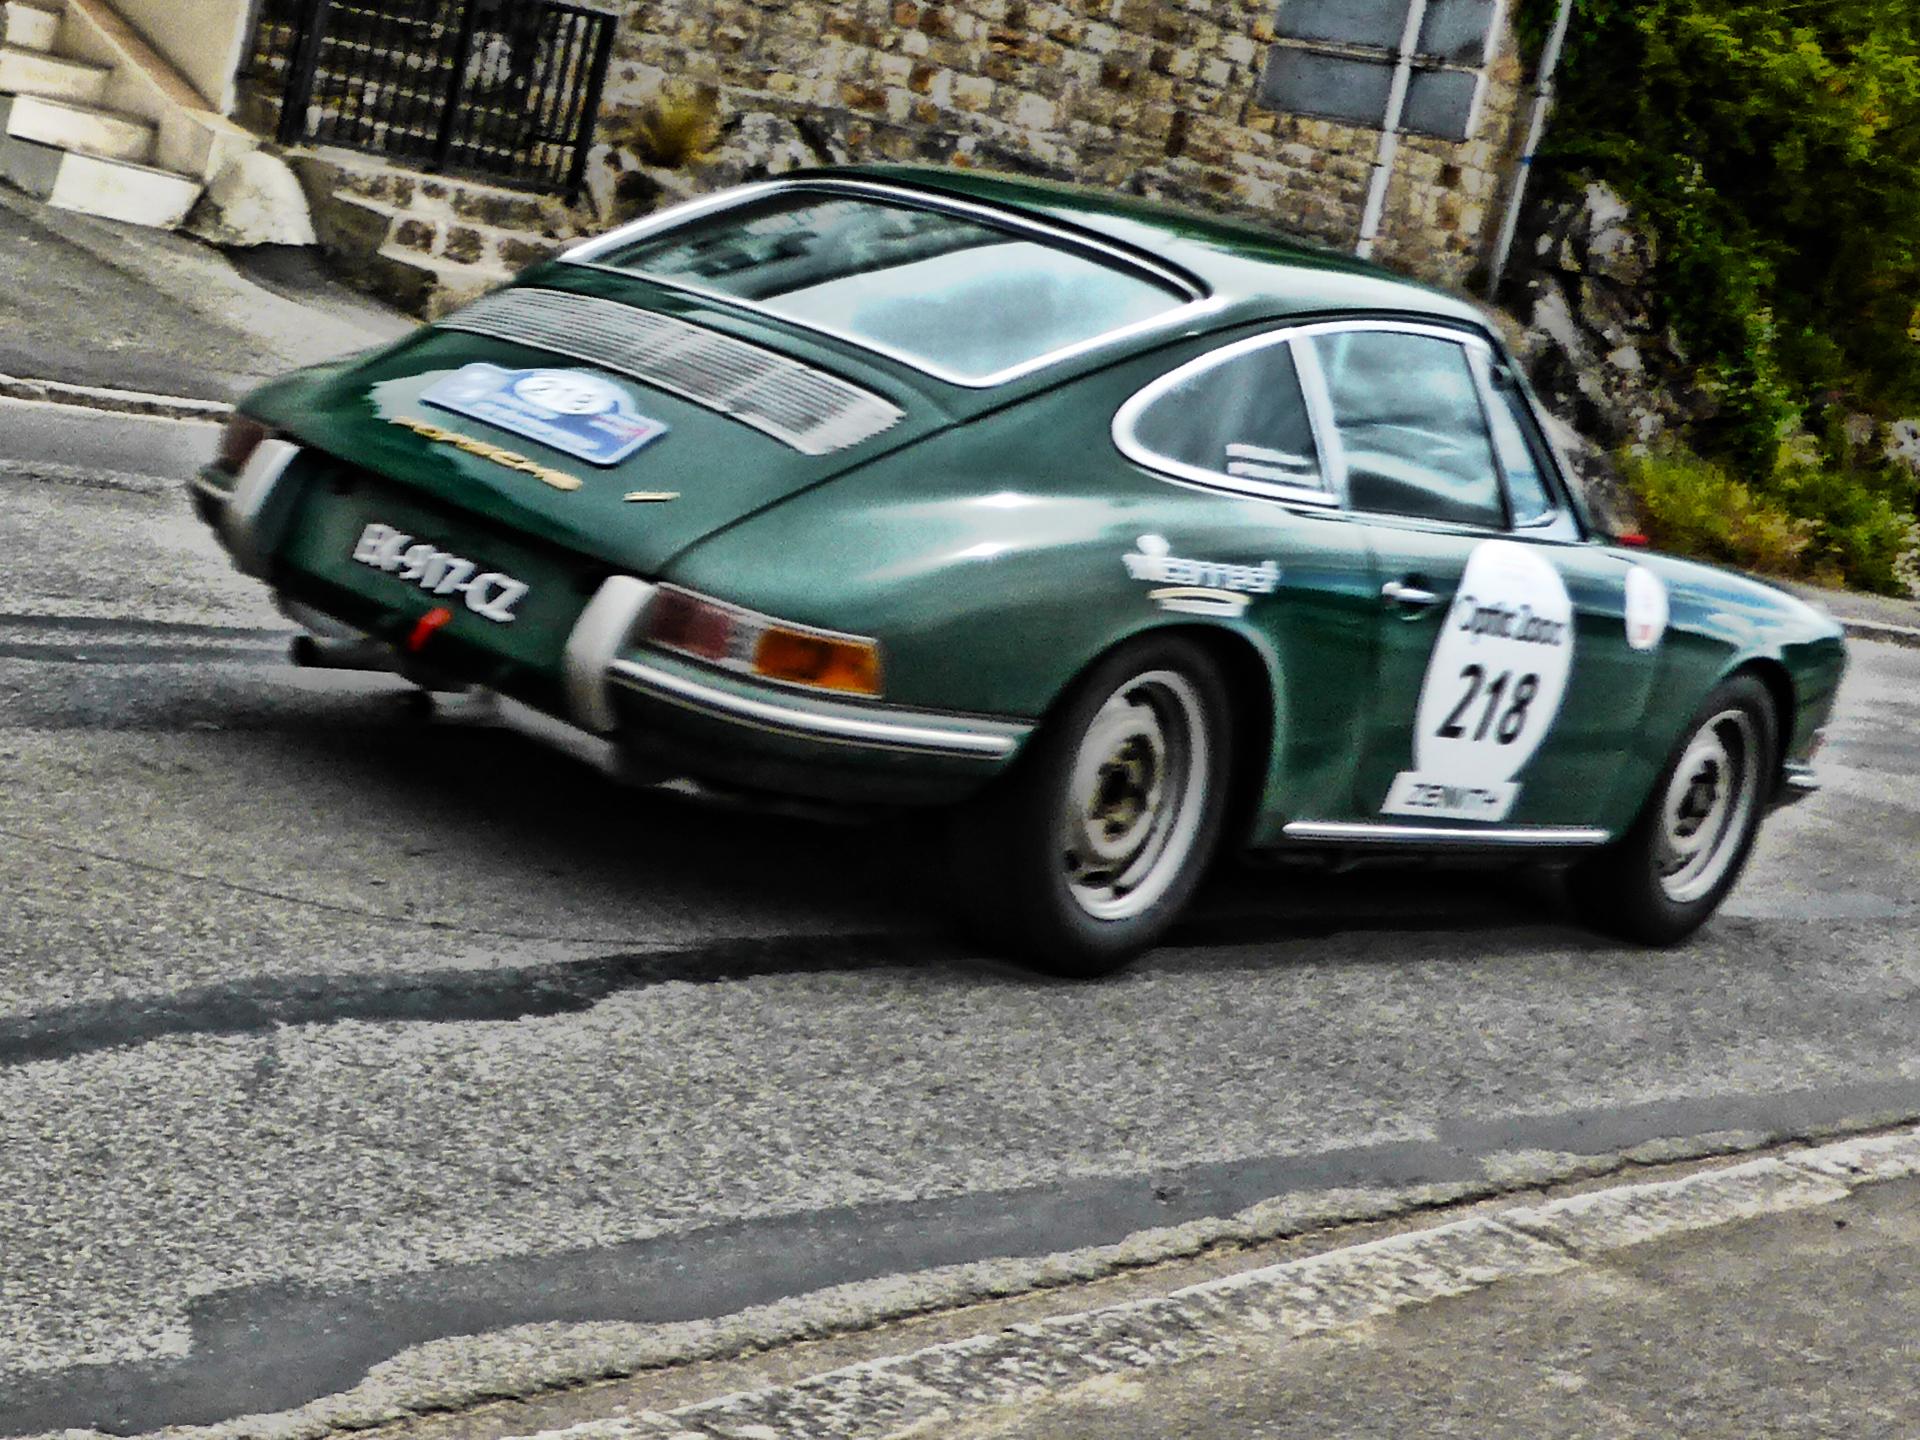 Porsche 911 2.0l - 1965 - Tour Auto 2017 - photo by ELJ - DESIGNMOTEUR